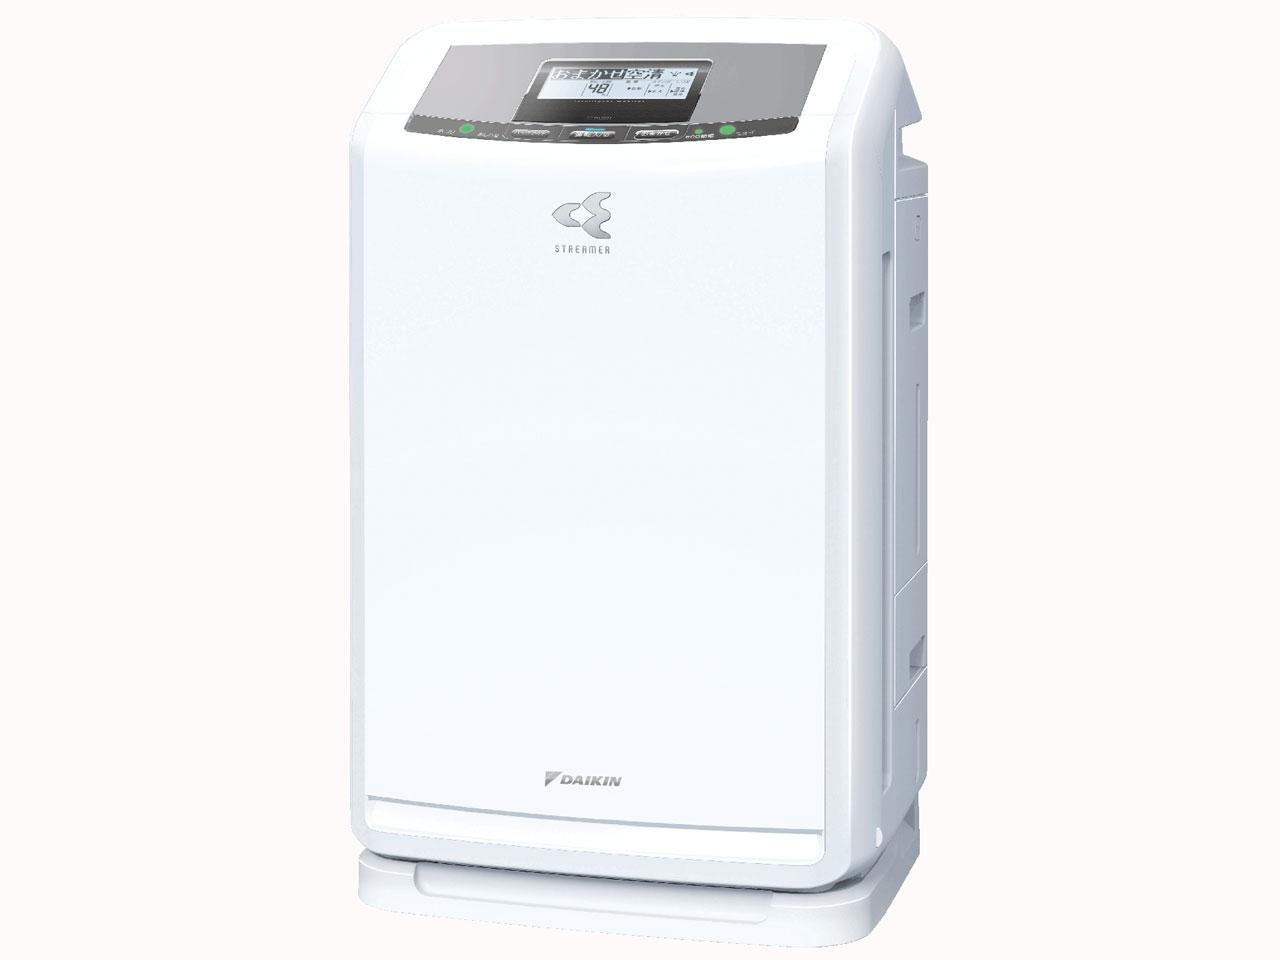 ダイキン 除加湿ストリーマ空気清浄機 クリアフォースZ ホワイト 31畳 空気清浄器 納期相談可 クレジットOK 直送可 沖縄・離島送料に自信あります!acz70sw